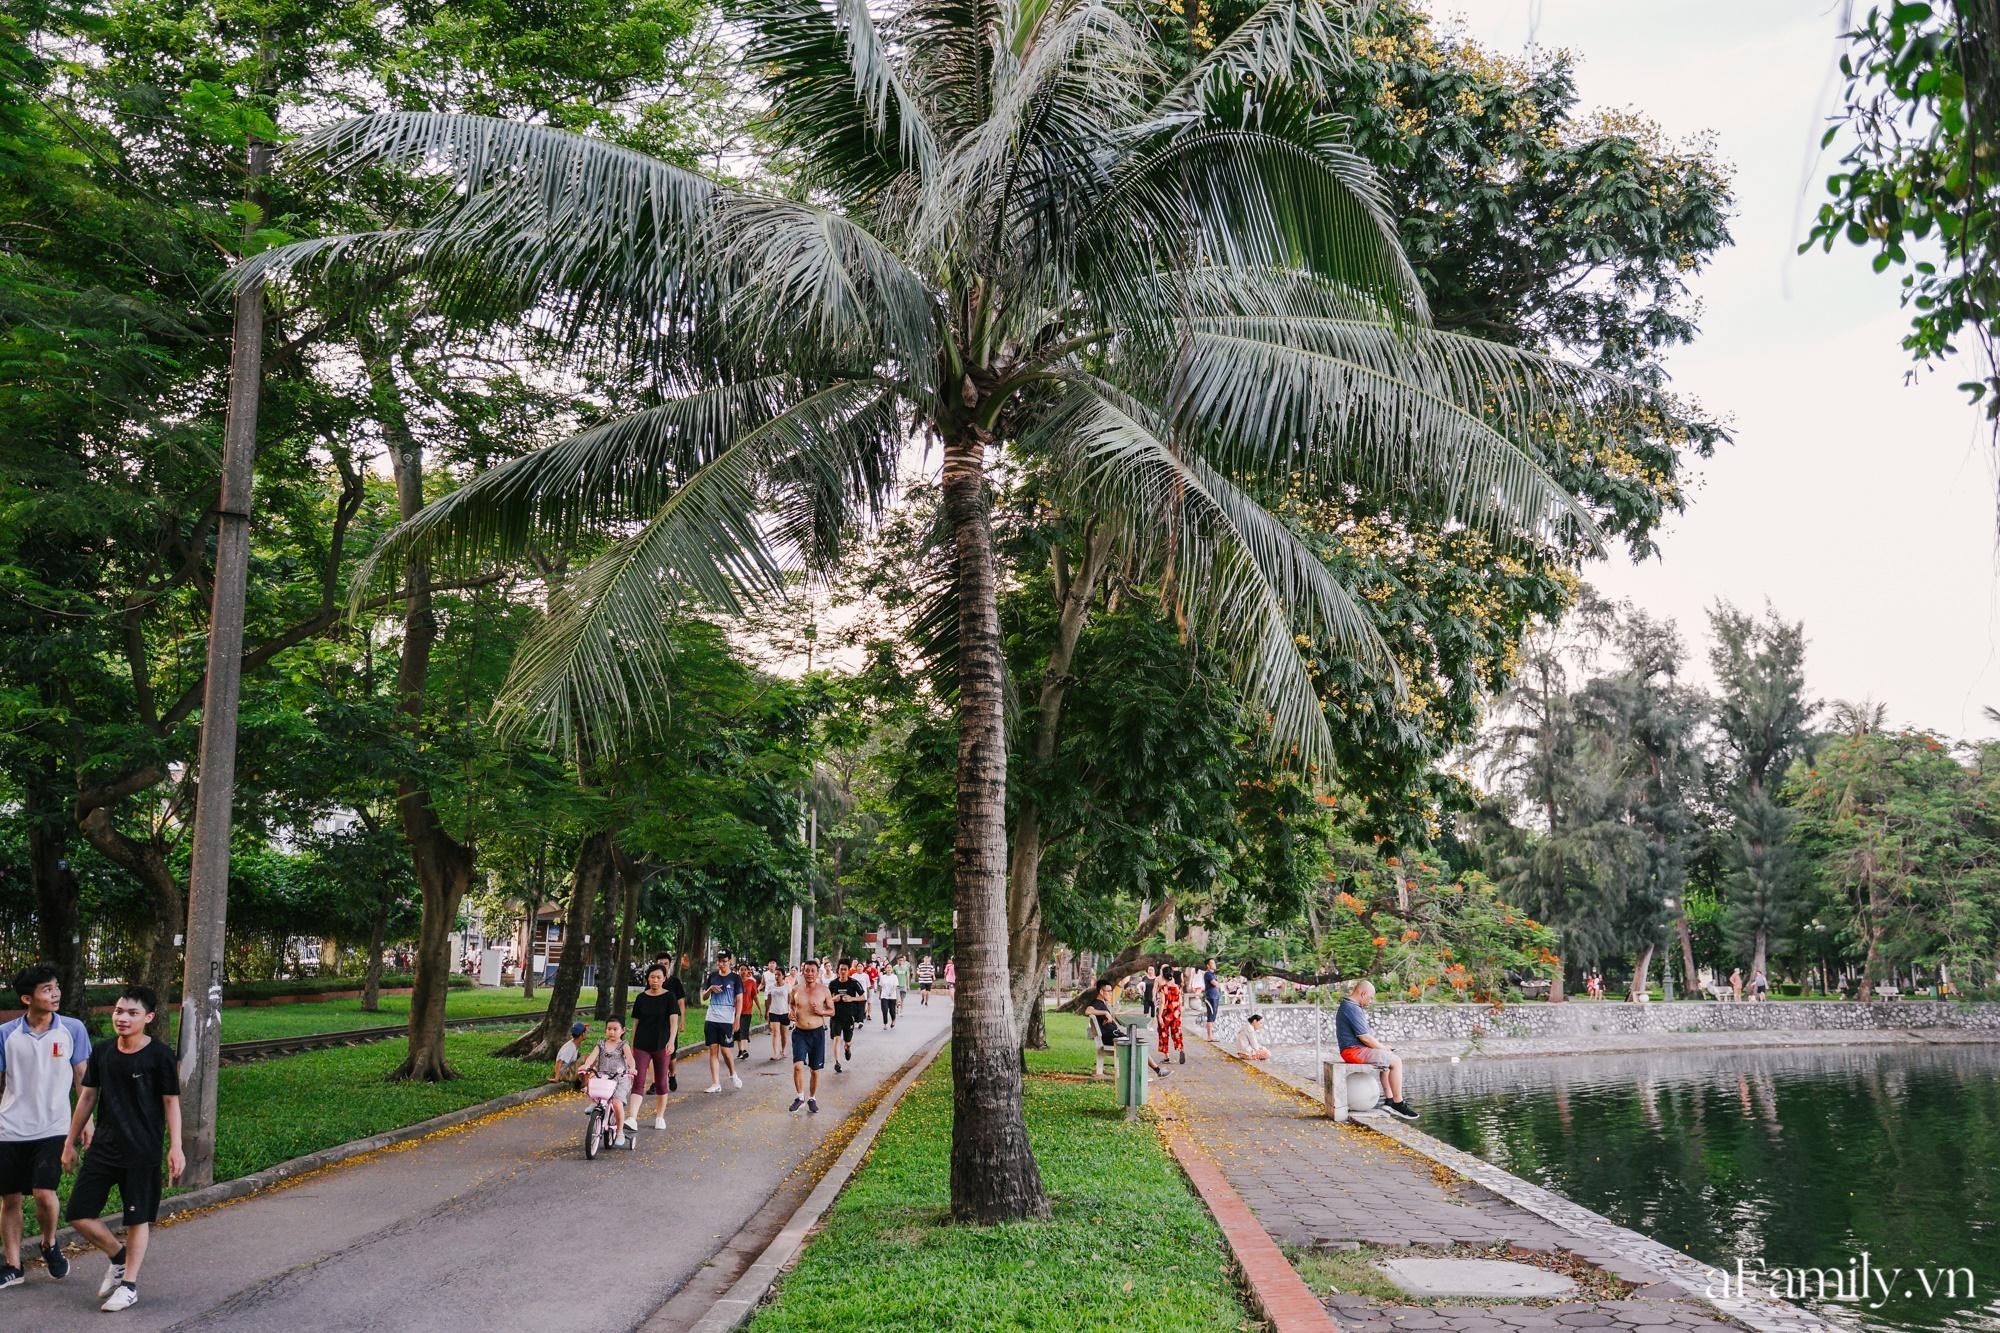 4000 đồng cho tour du lịch hè độc đáo ngay giữa thủ đô ở một công viên lâu đời vừa có đảo, vừa có rừng cây xanh, hồ cá trong lành - Ảnh 5.